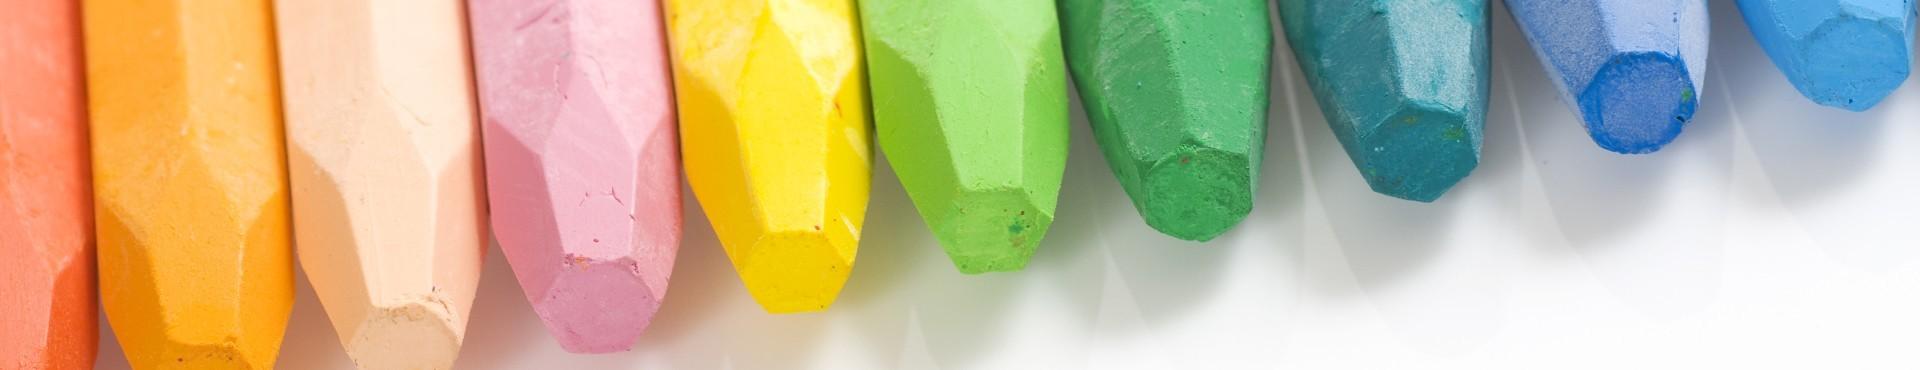 Cajas Cretas Pastel Duro